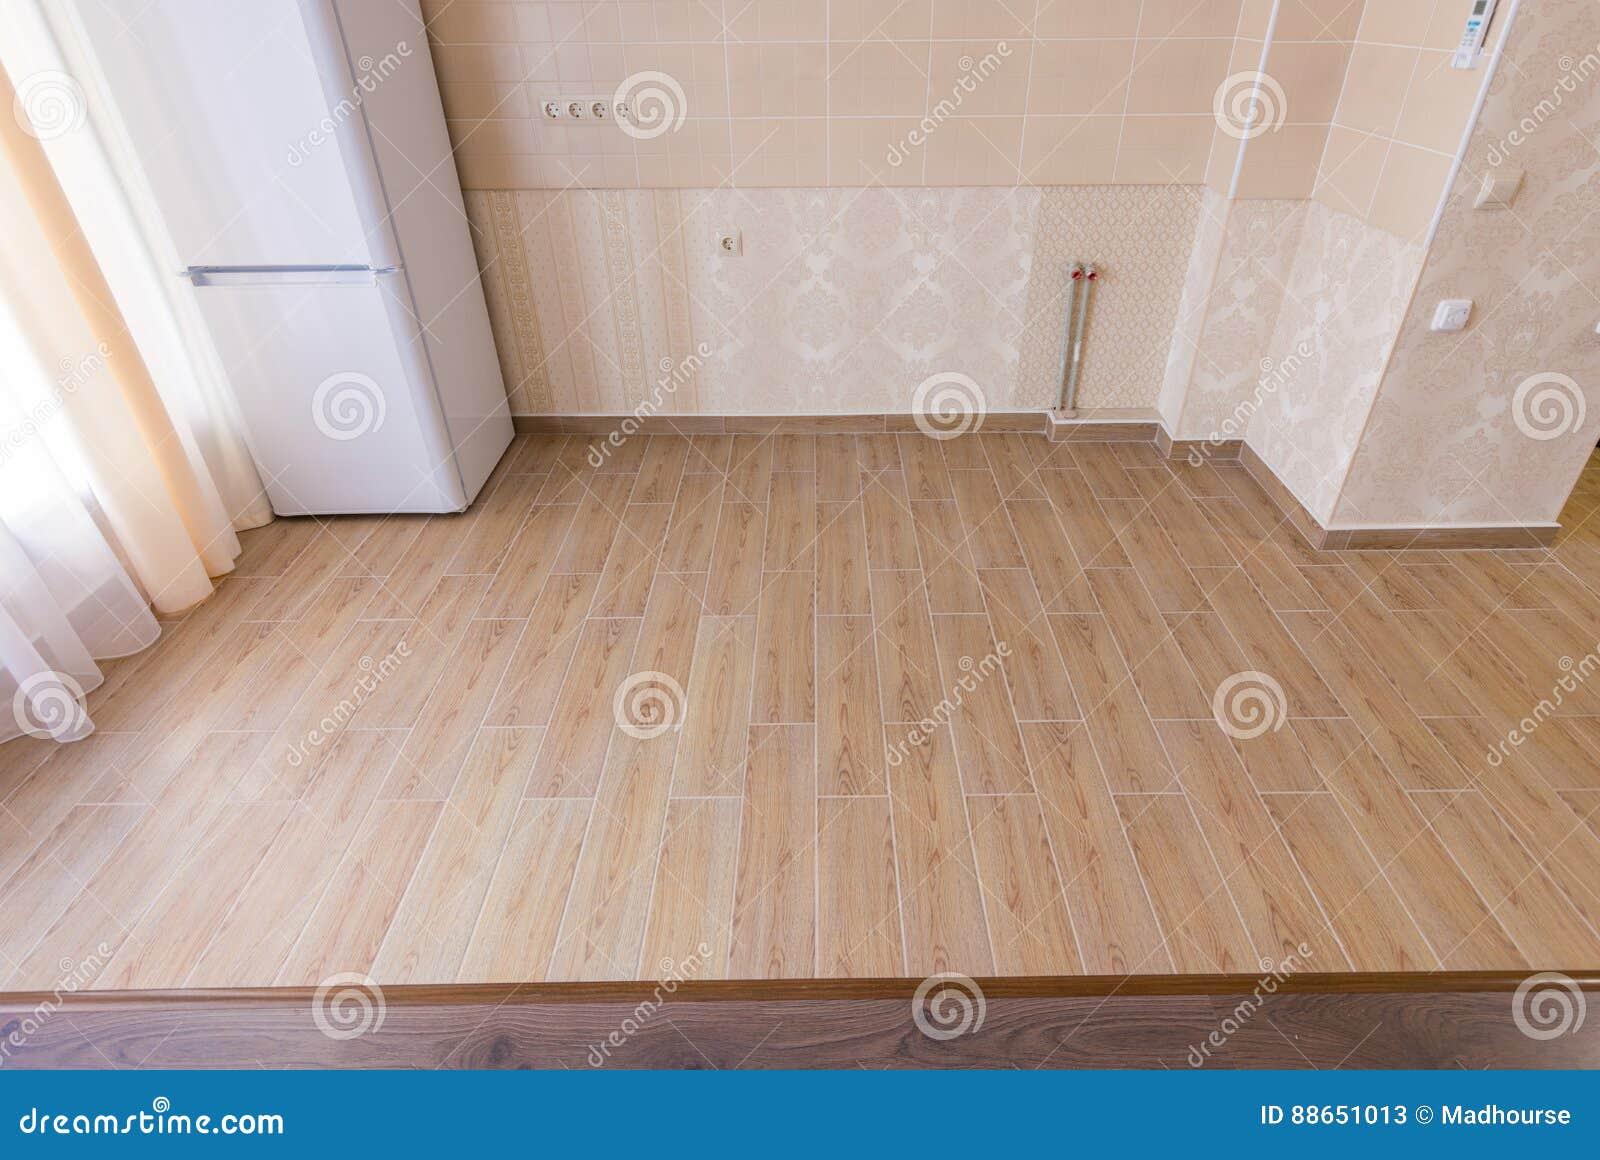 hermosos pisos de cocina Piso De La Divisin En Las Tejas Interiores De Cermica De